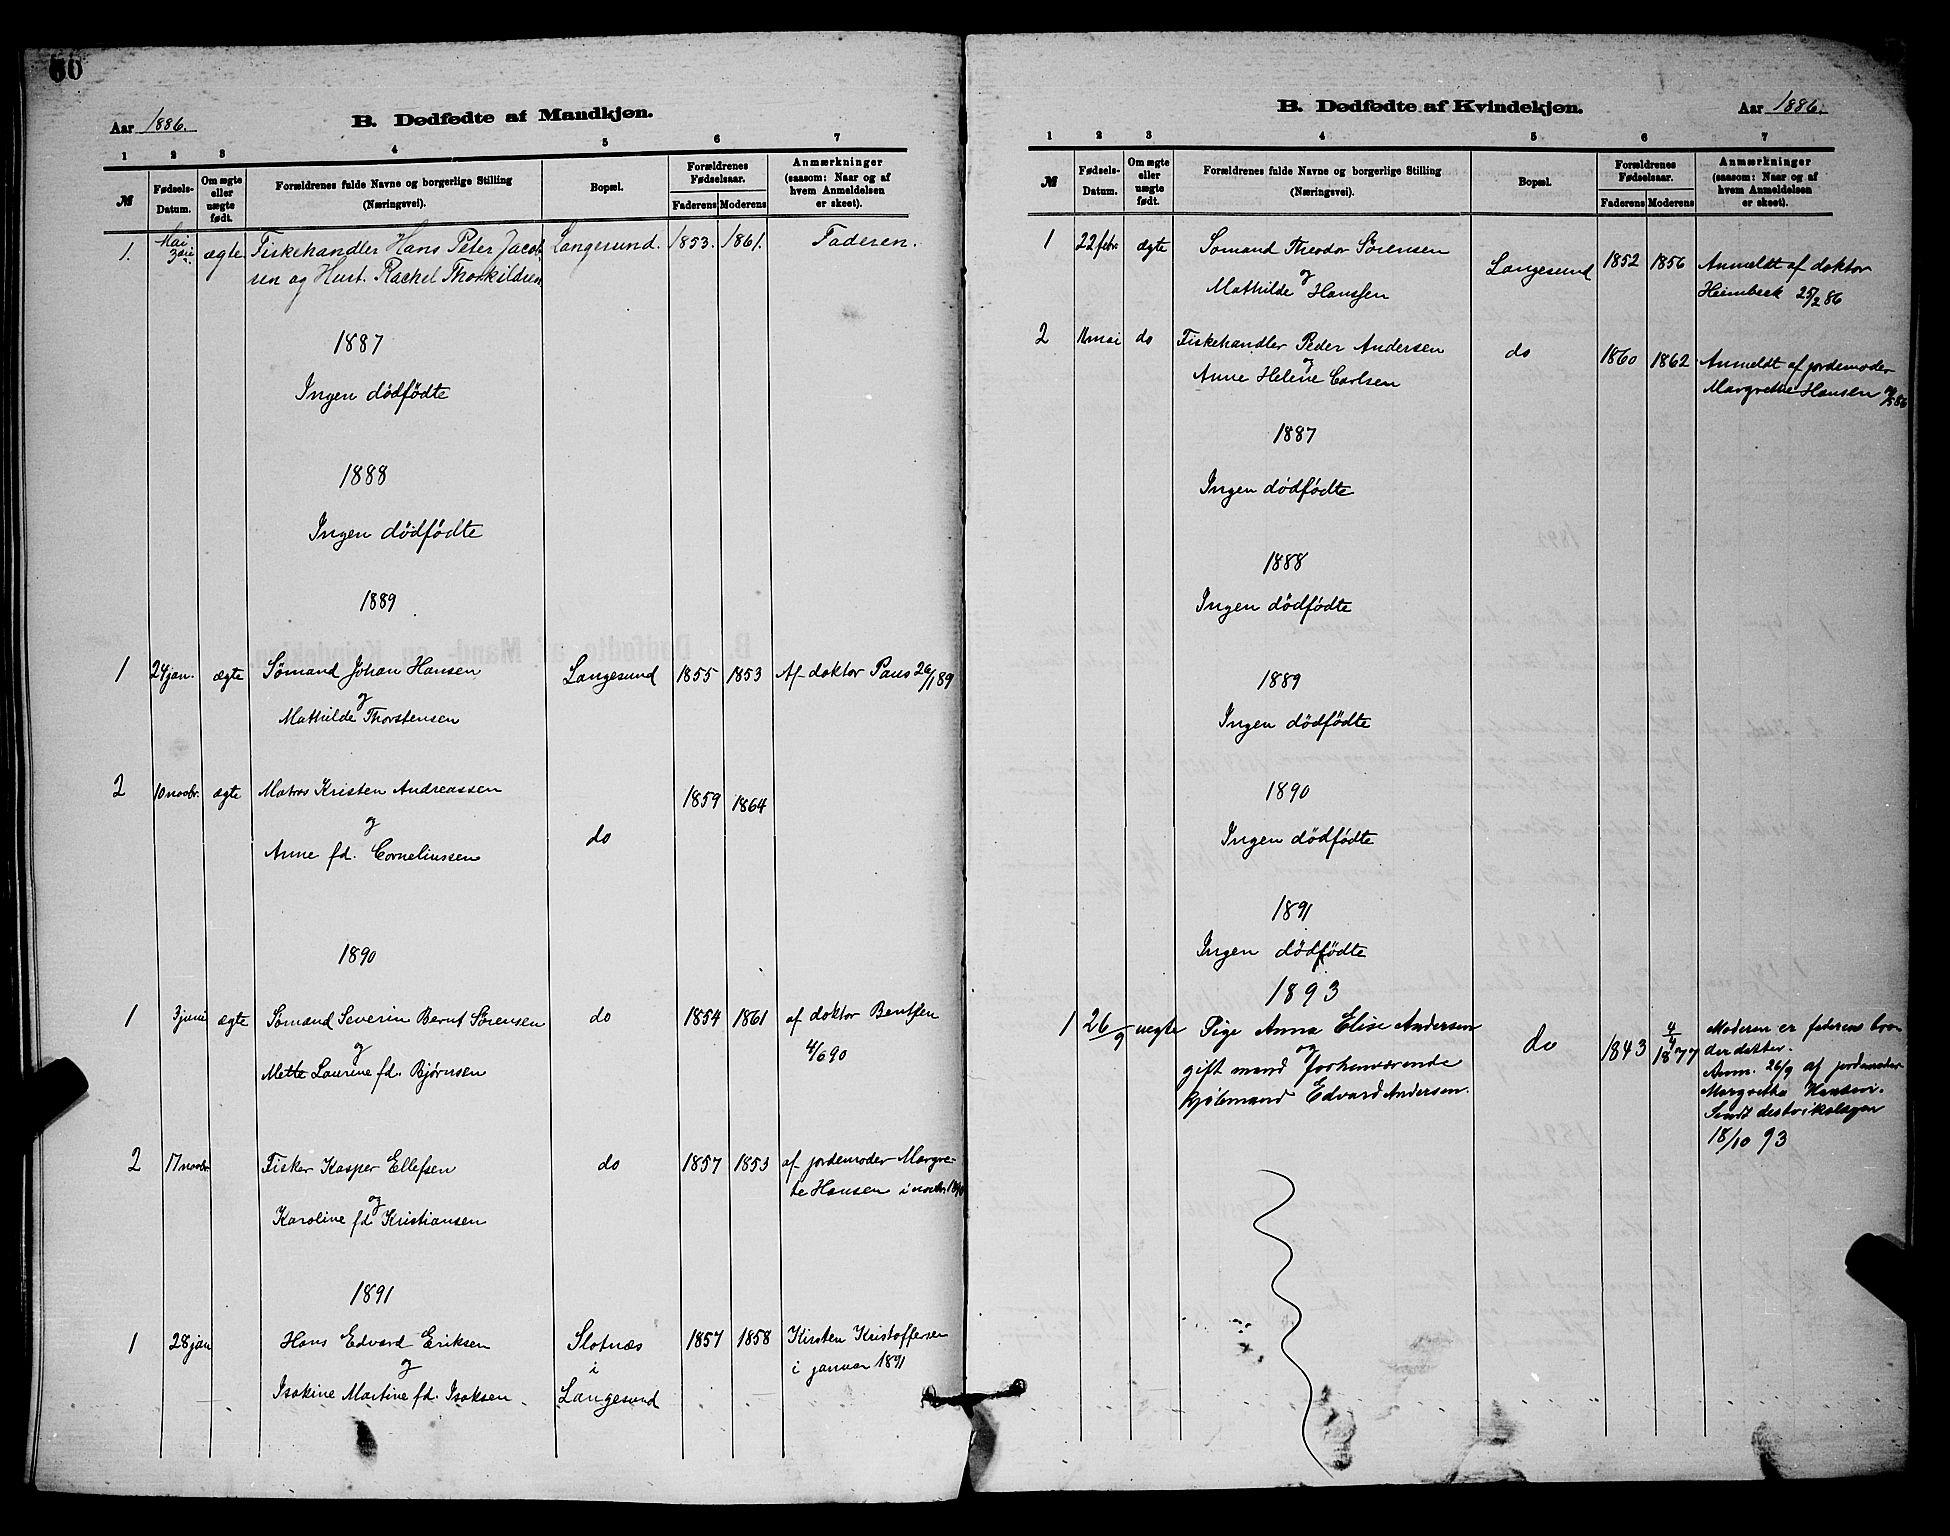 SAKO, Langesund kirkebøker, G/Ga/L0005: Klokkerbok nr. 5, 1884-1898, s. 60